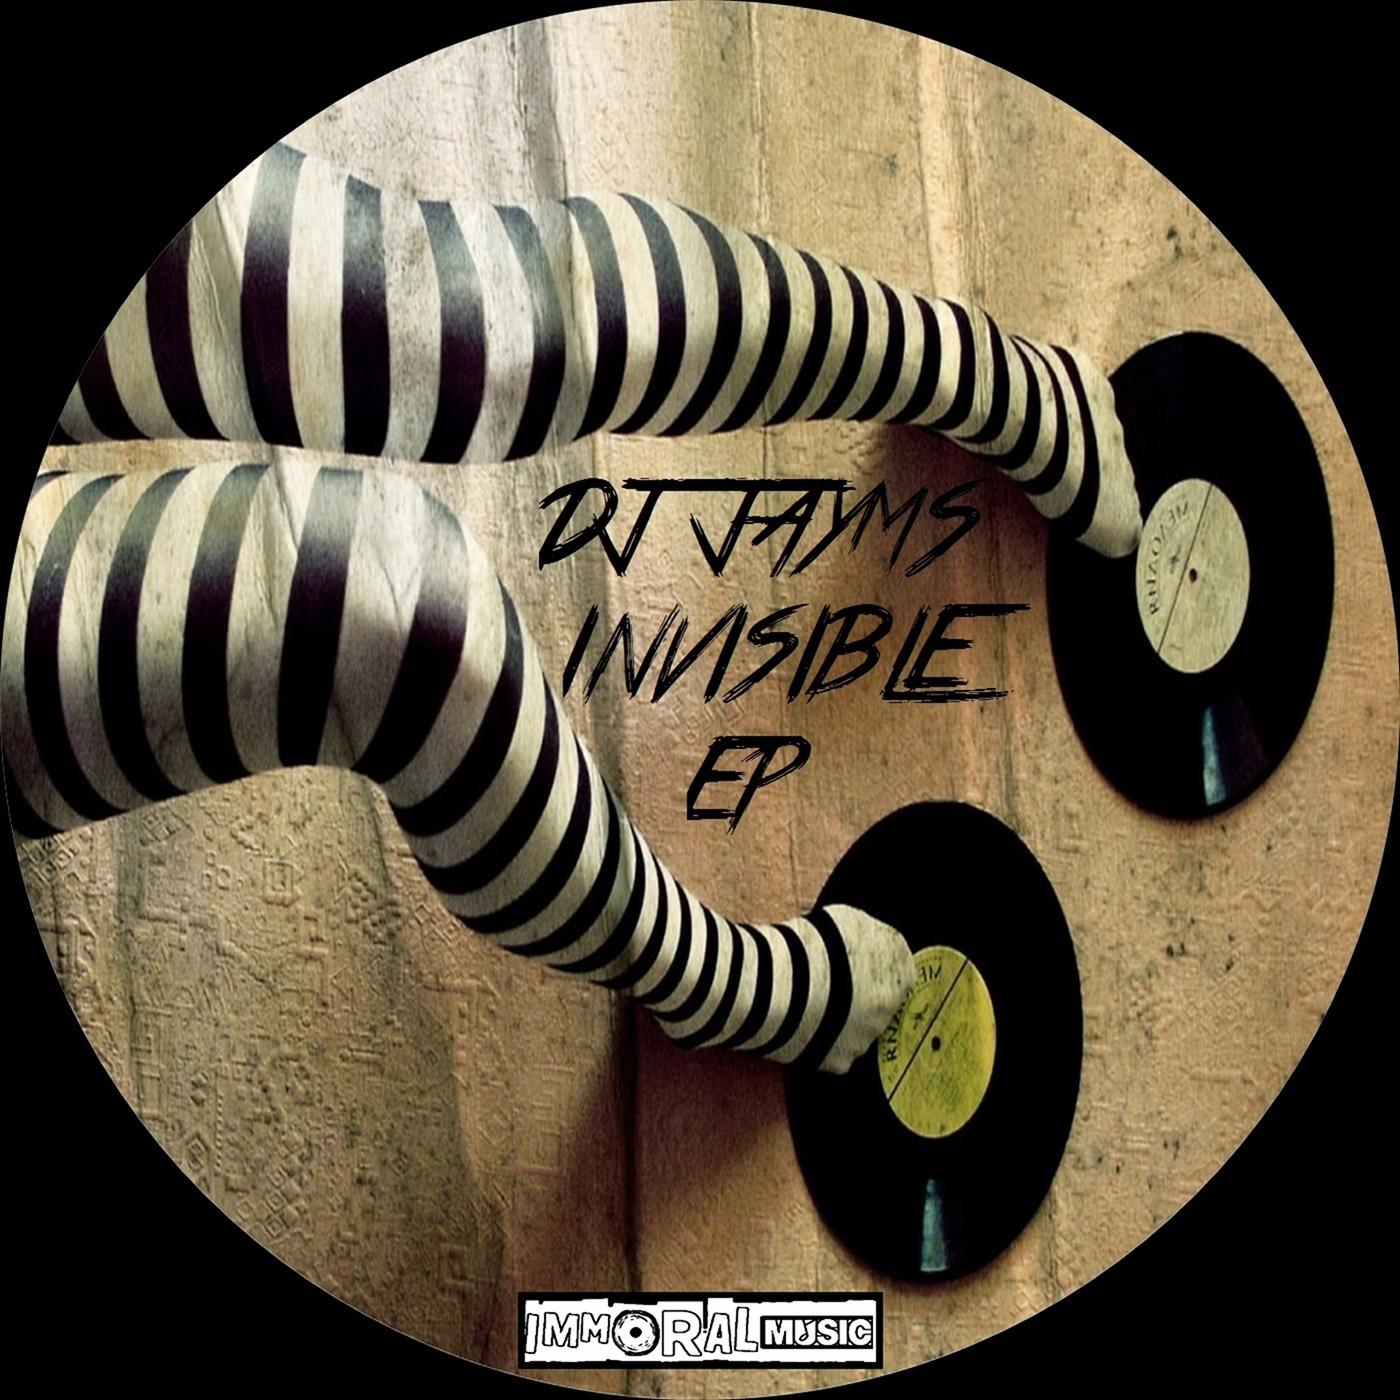 DJ Jayms - Invisible (Original mix)